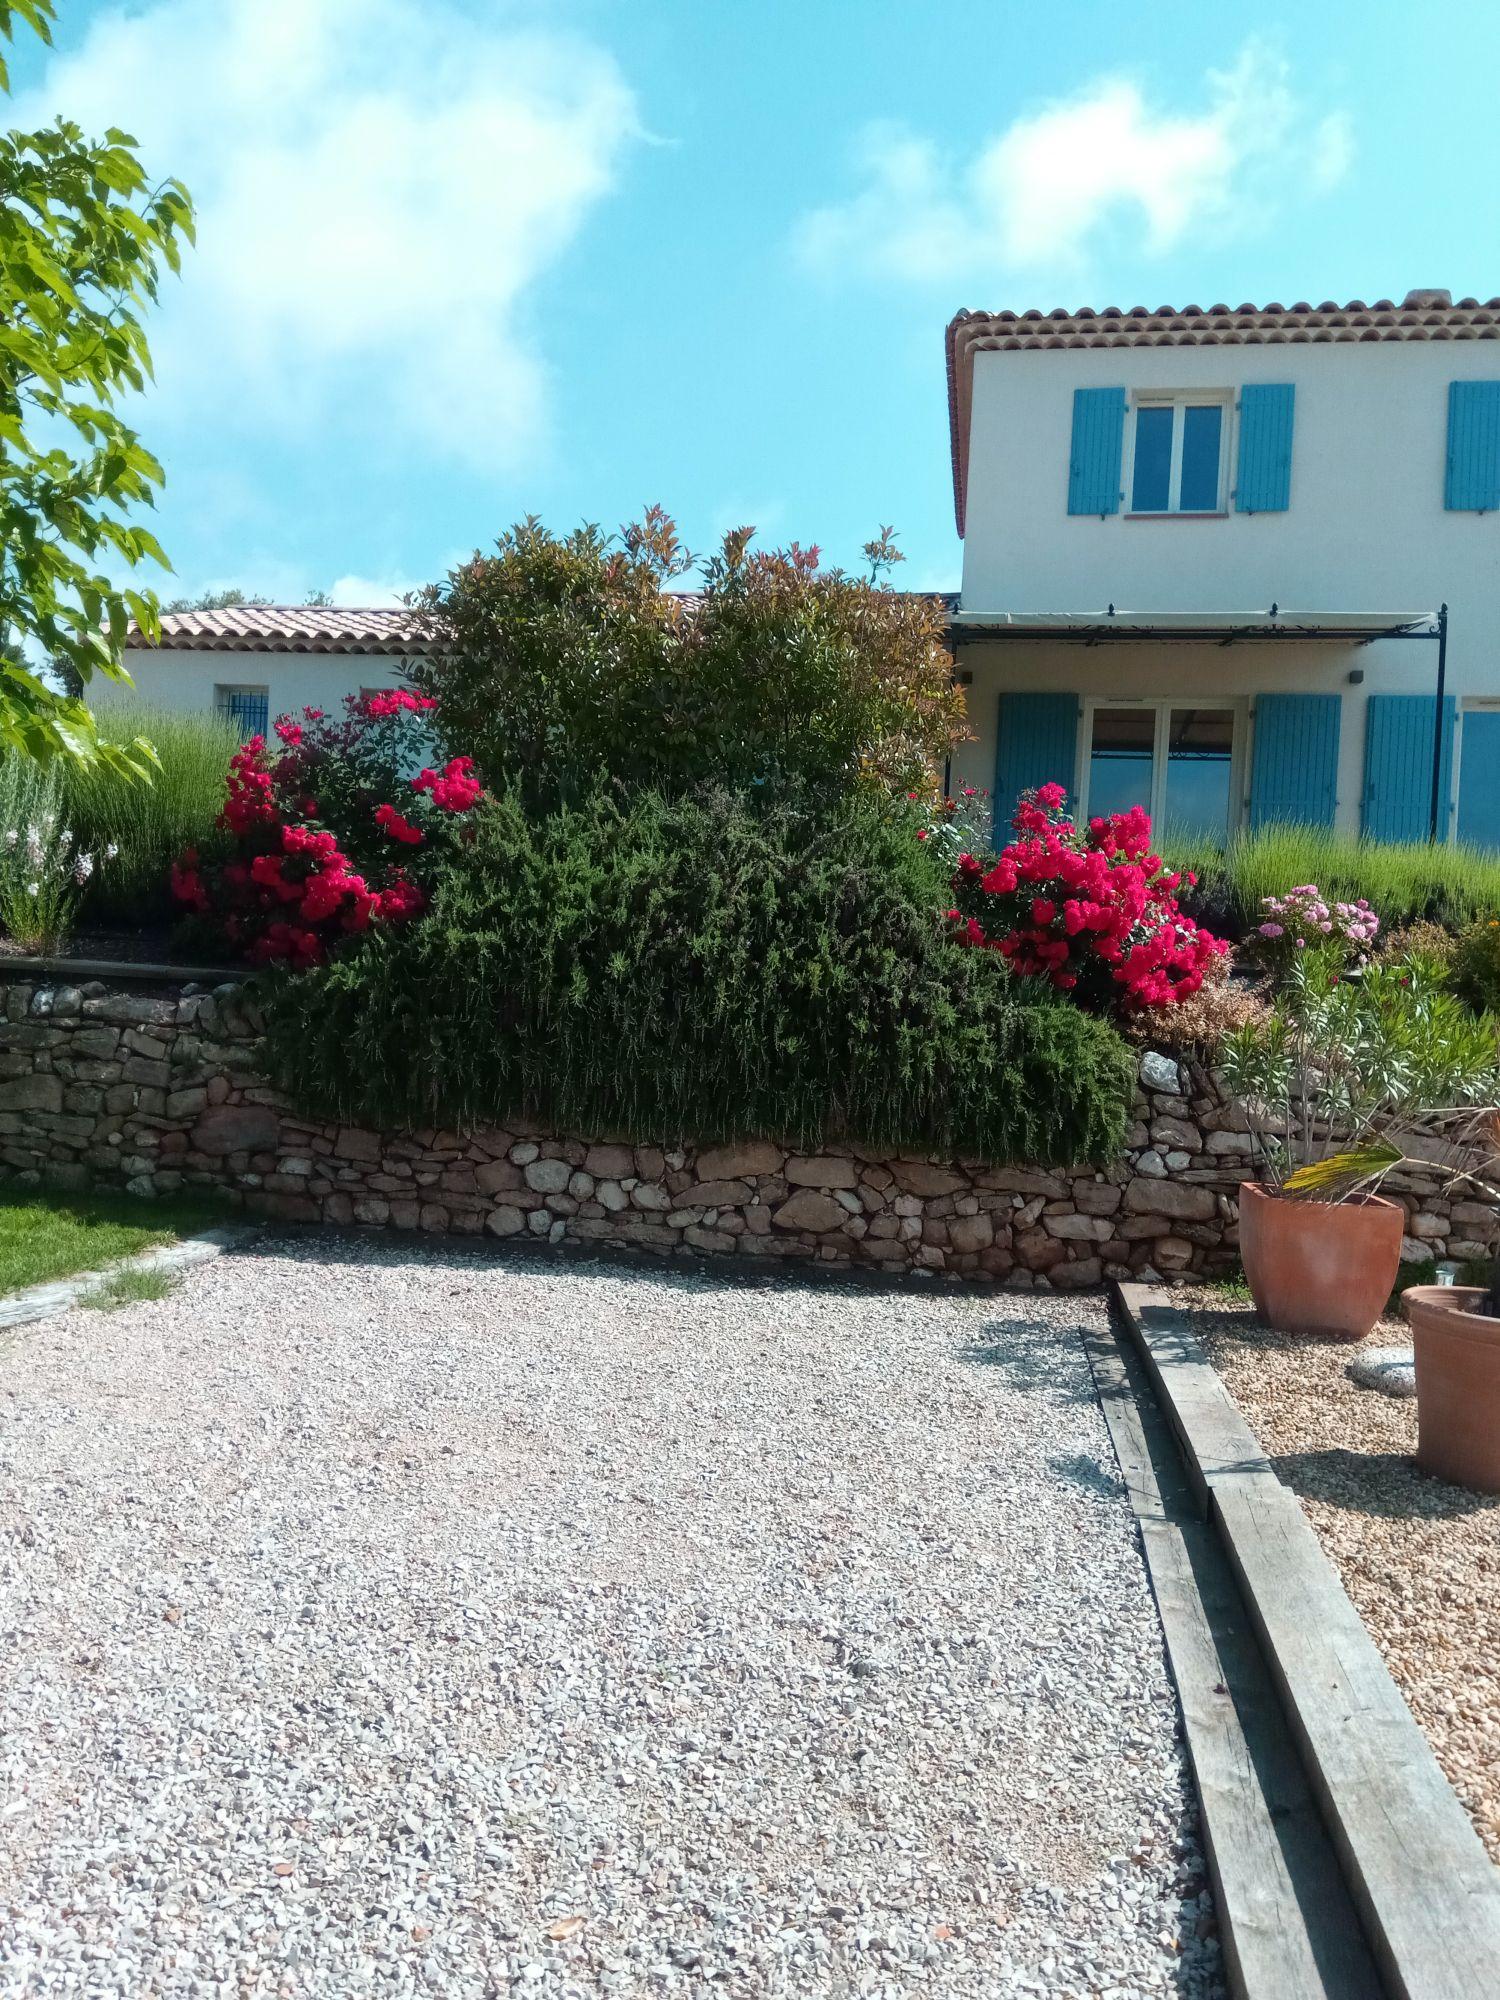 Aménagement de jardin pour particuliers à Saint Maximin dans le Var - JA.D.E Espaces verts - JA ...